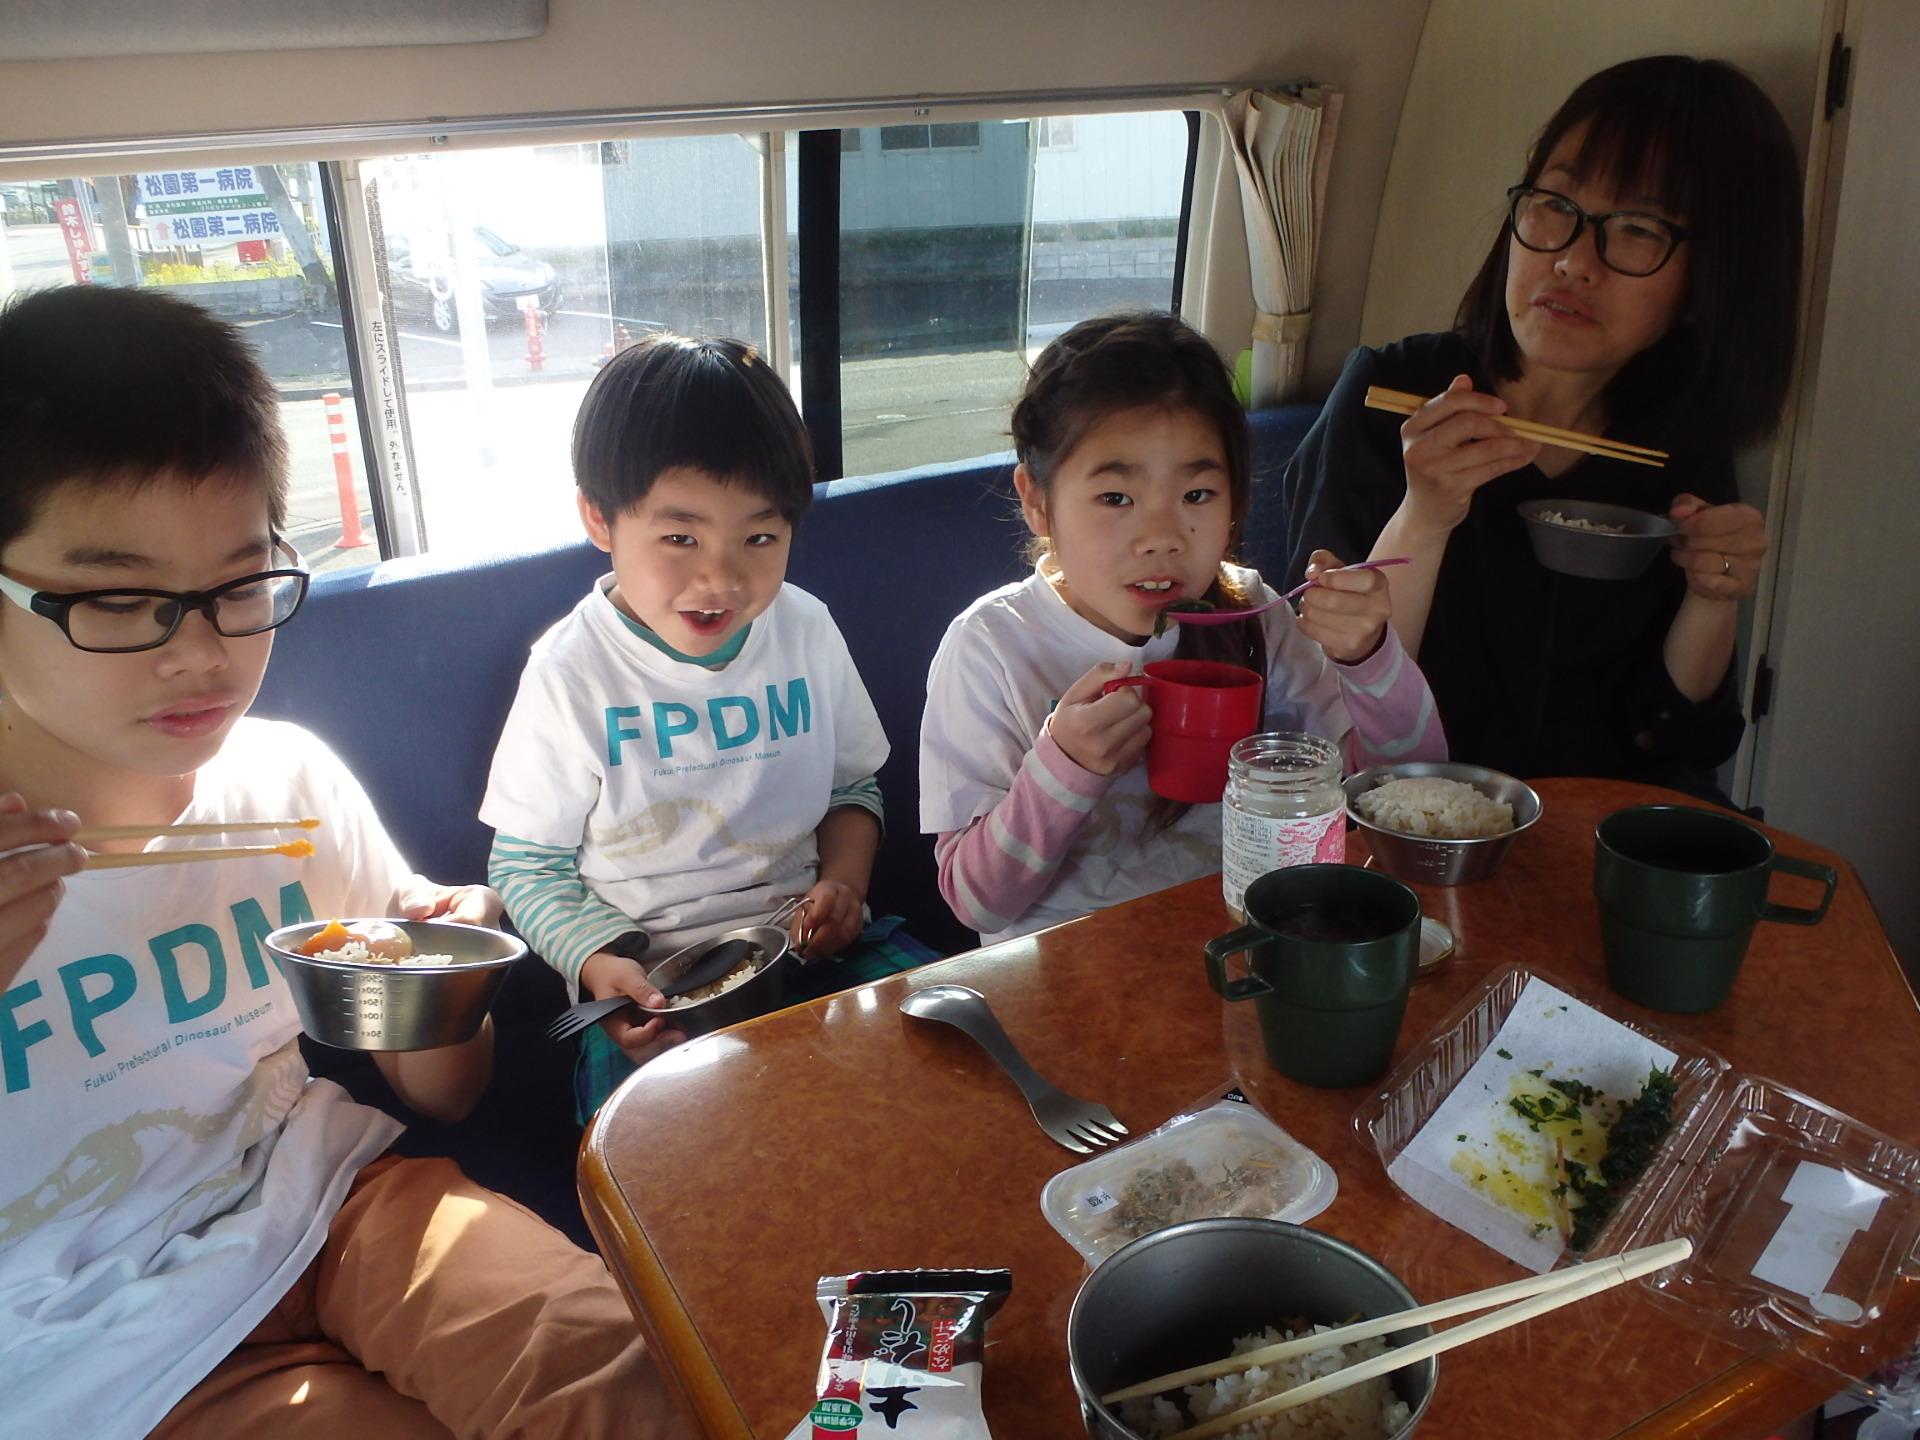 【2回目】仲良し5人家族/福島・宮城・岩手8日間の旅・・・体験レポート(お客様の声)を更新